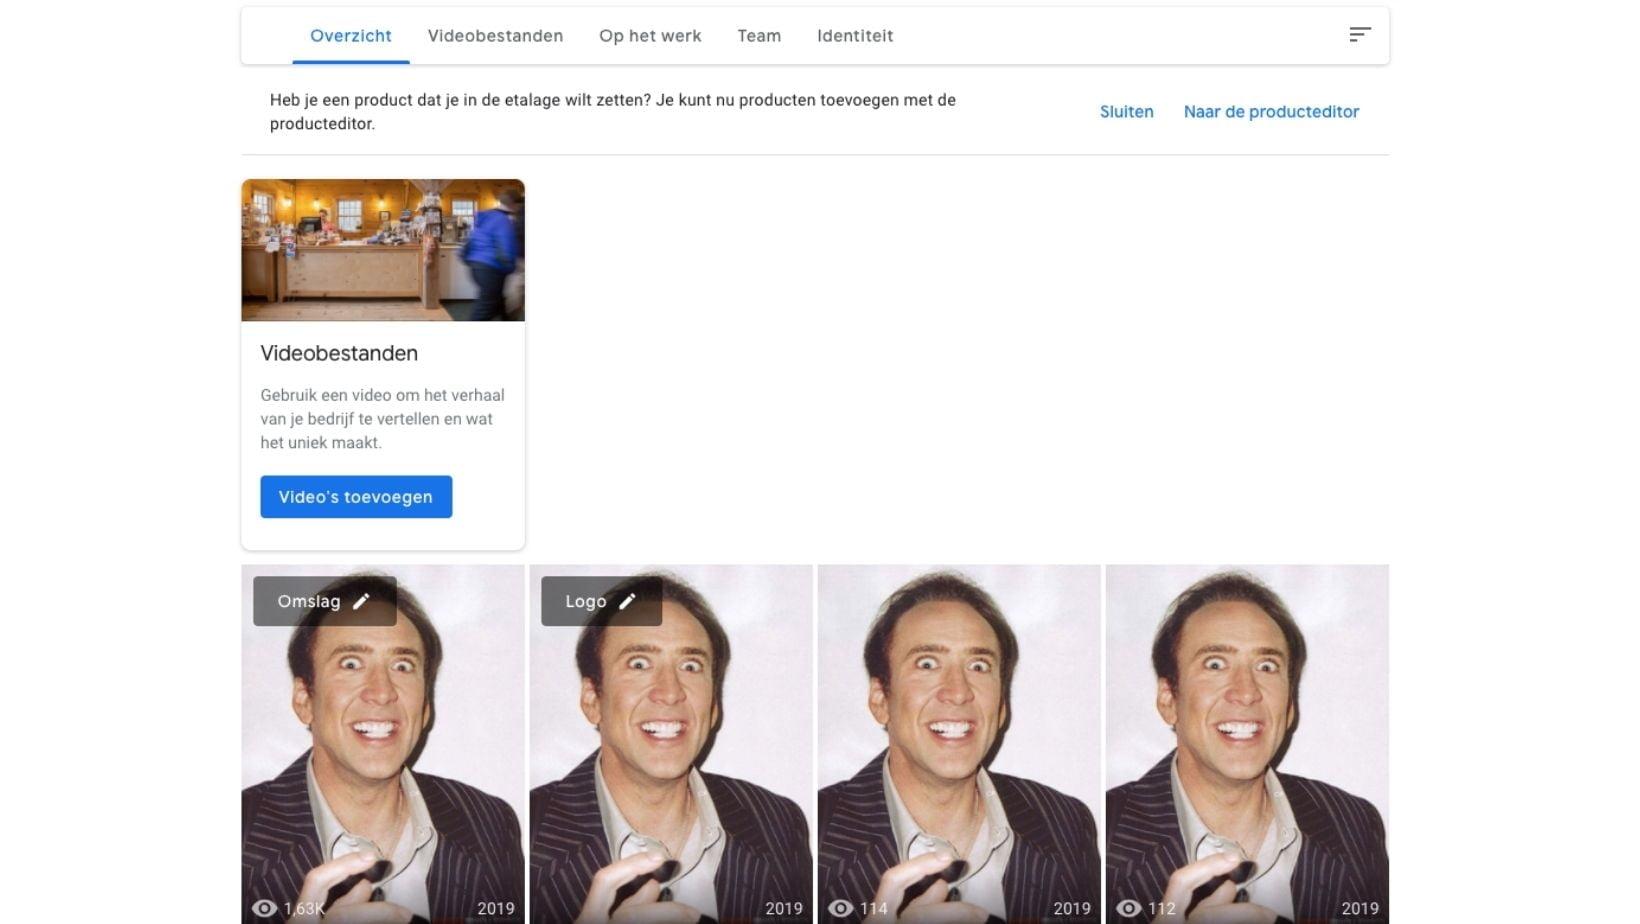 Google mijn bedrijf fotos